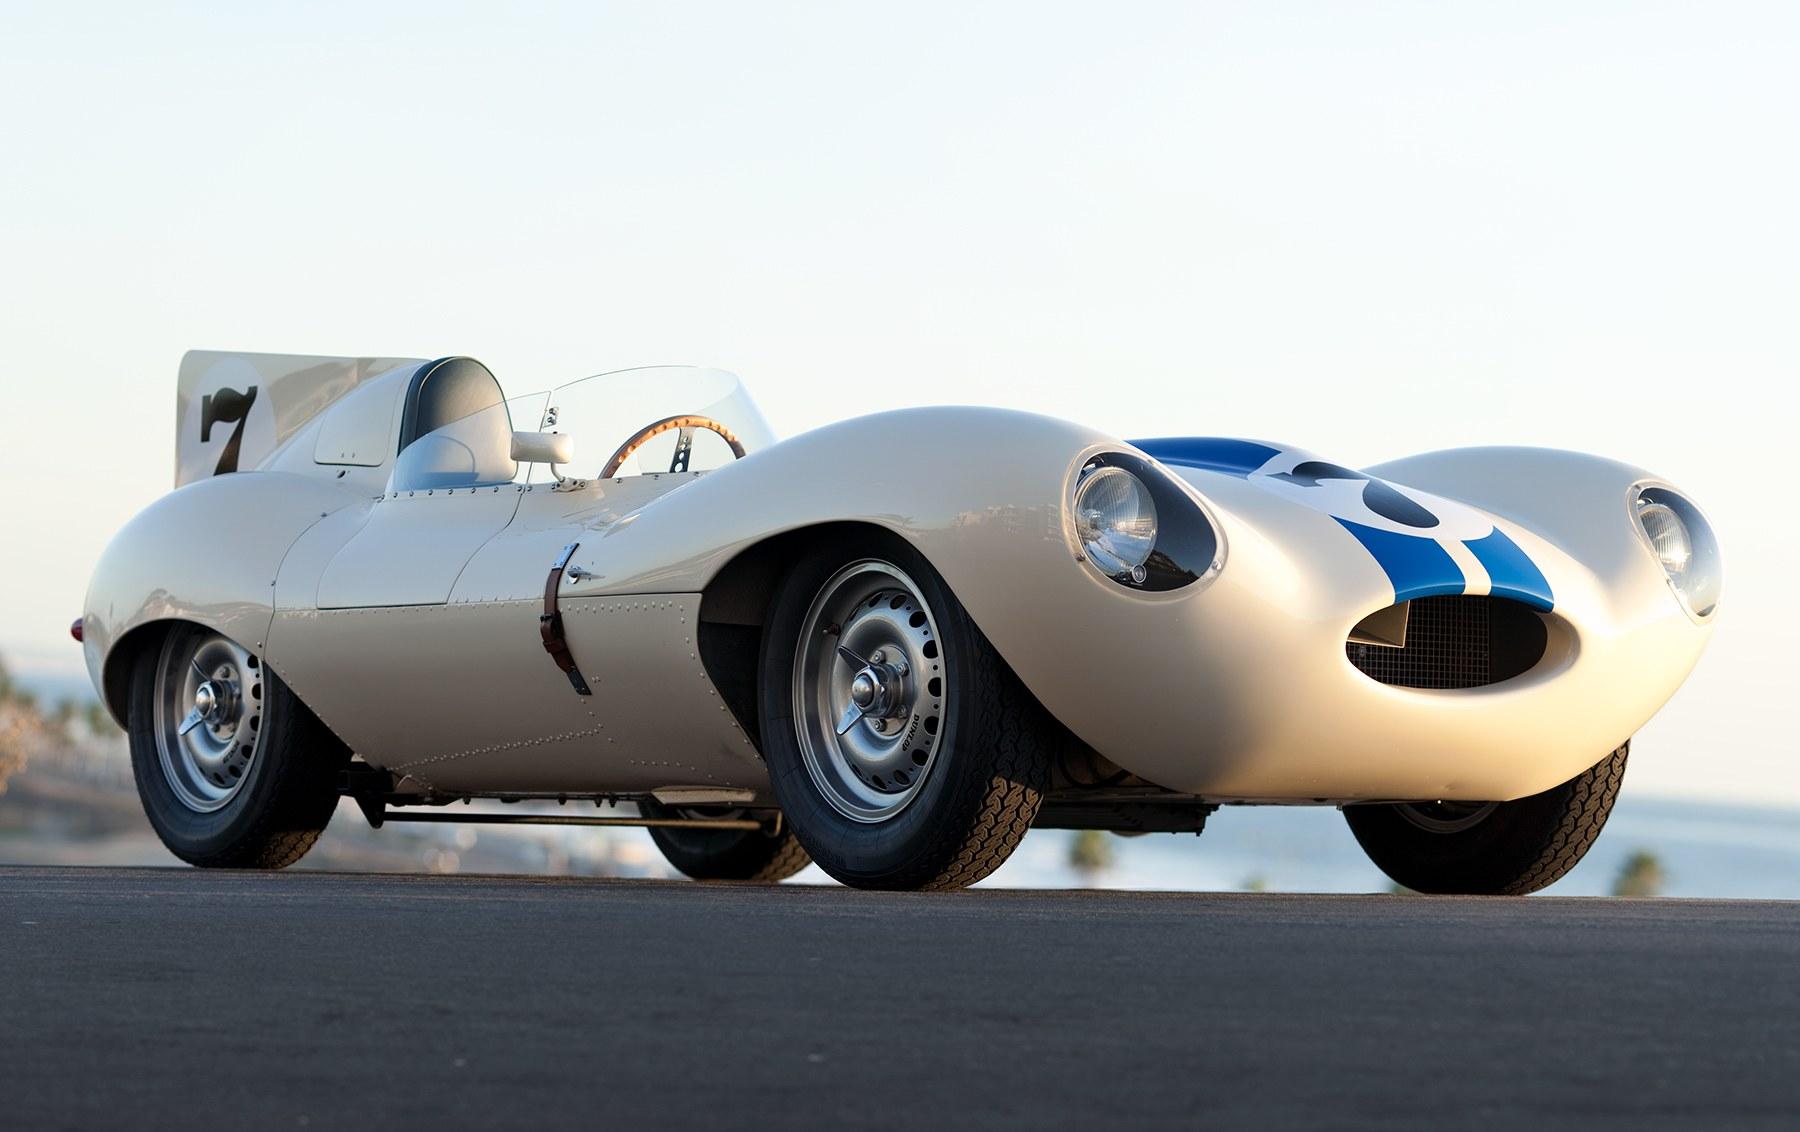 1956 Jaguar D-Type Sports Racer